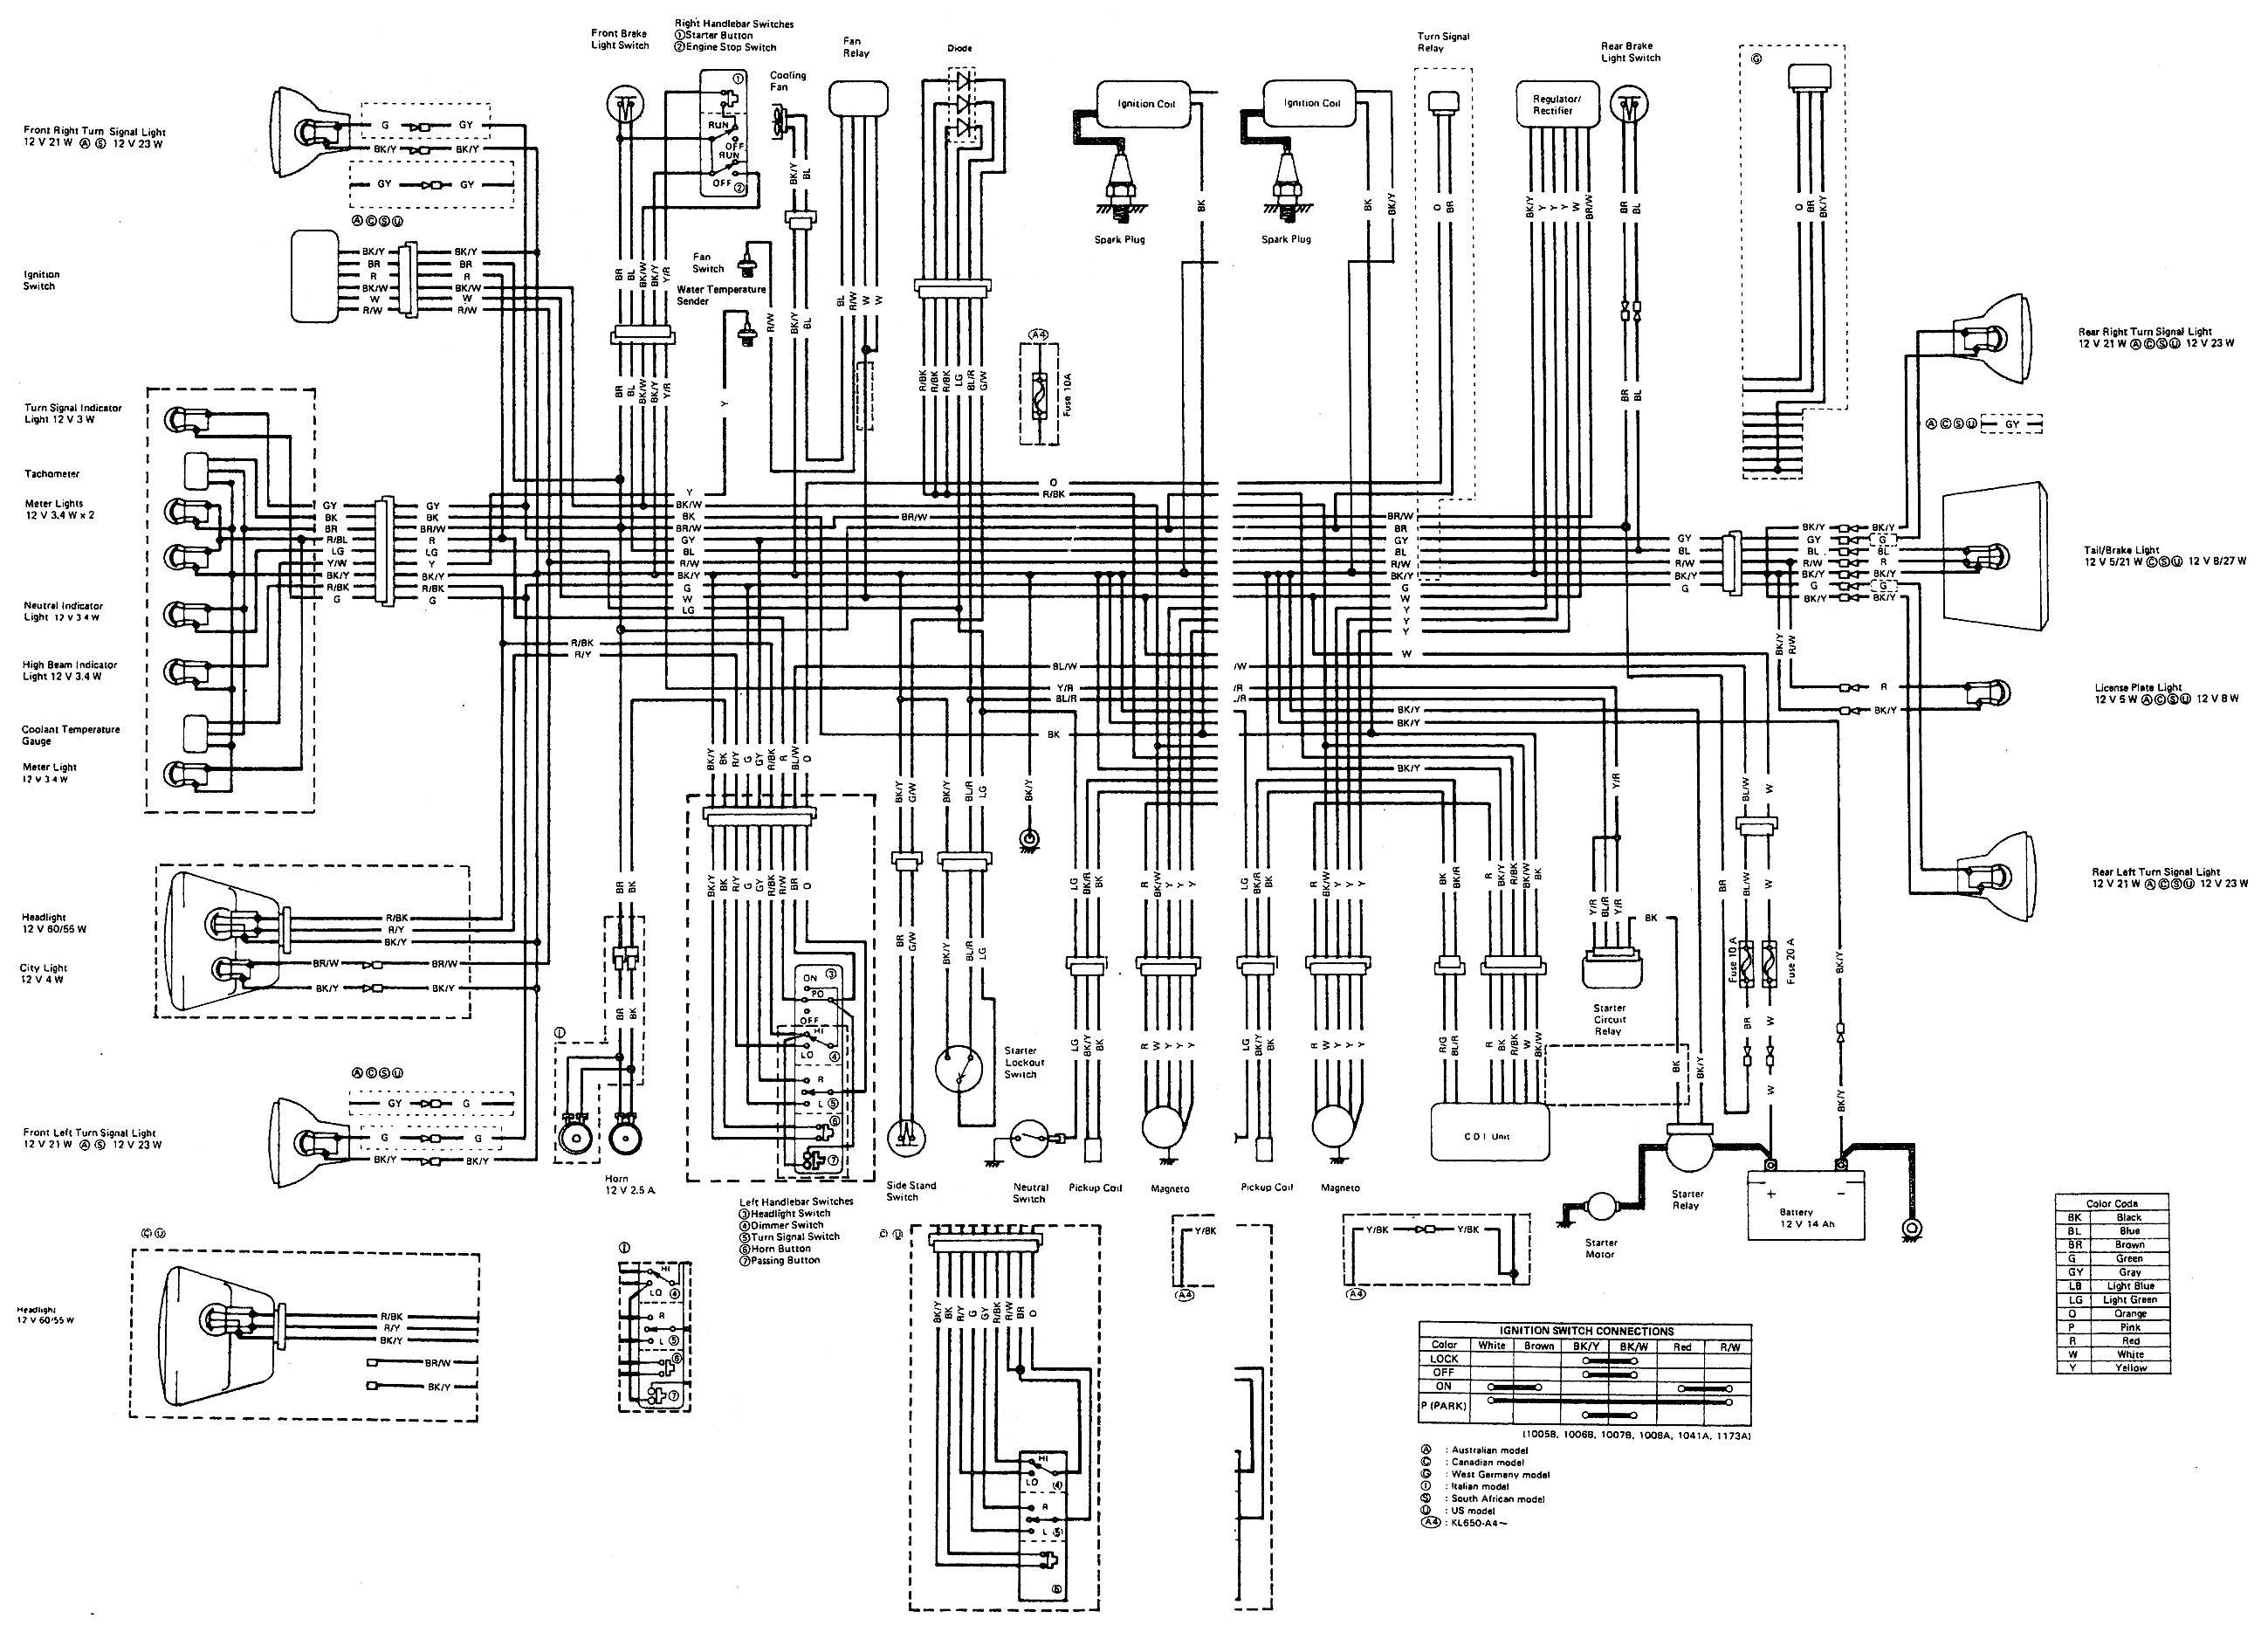 ハイエース 配線図 Pdf